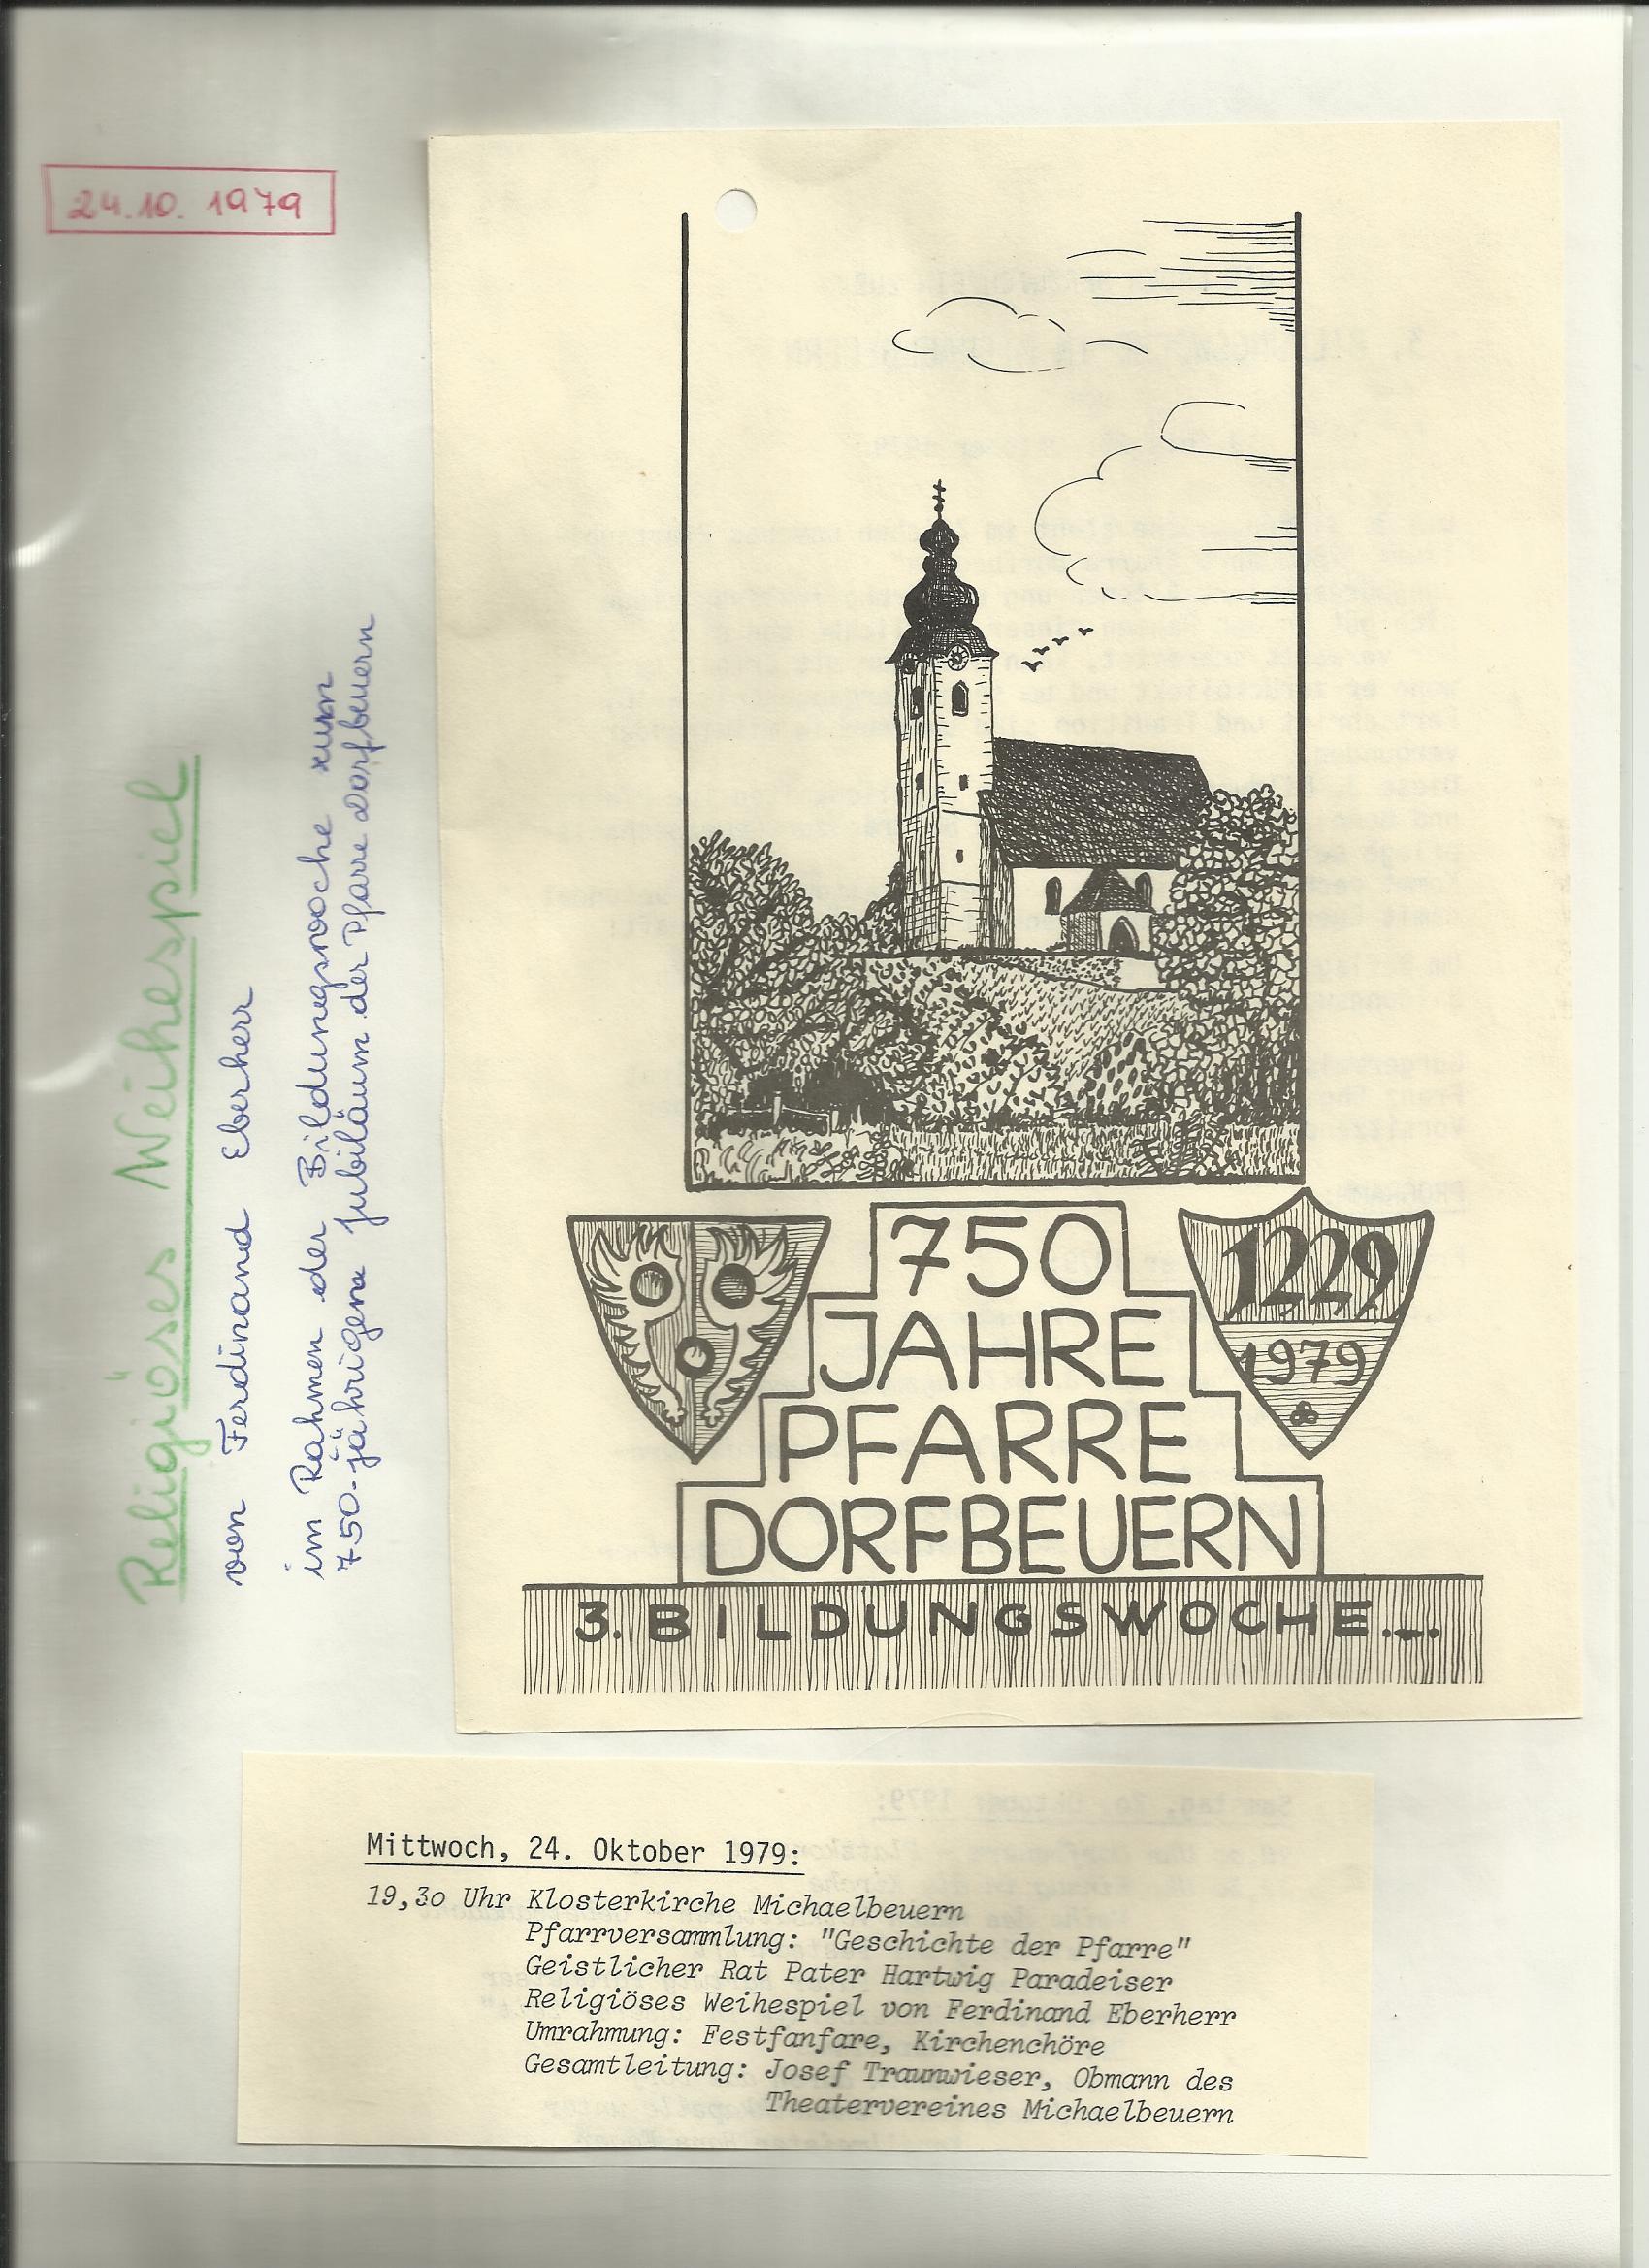 TV 1979 Weihespiel 750 Jahr Jubiläum0001